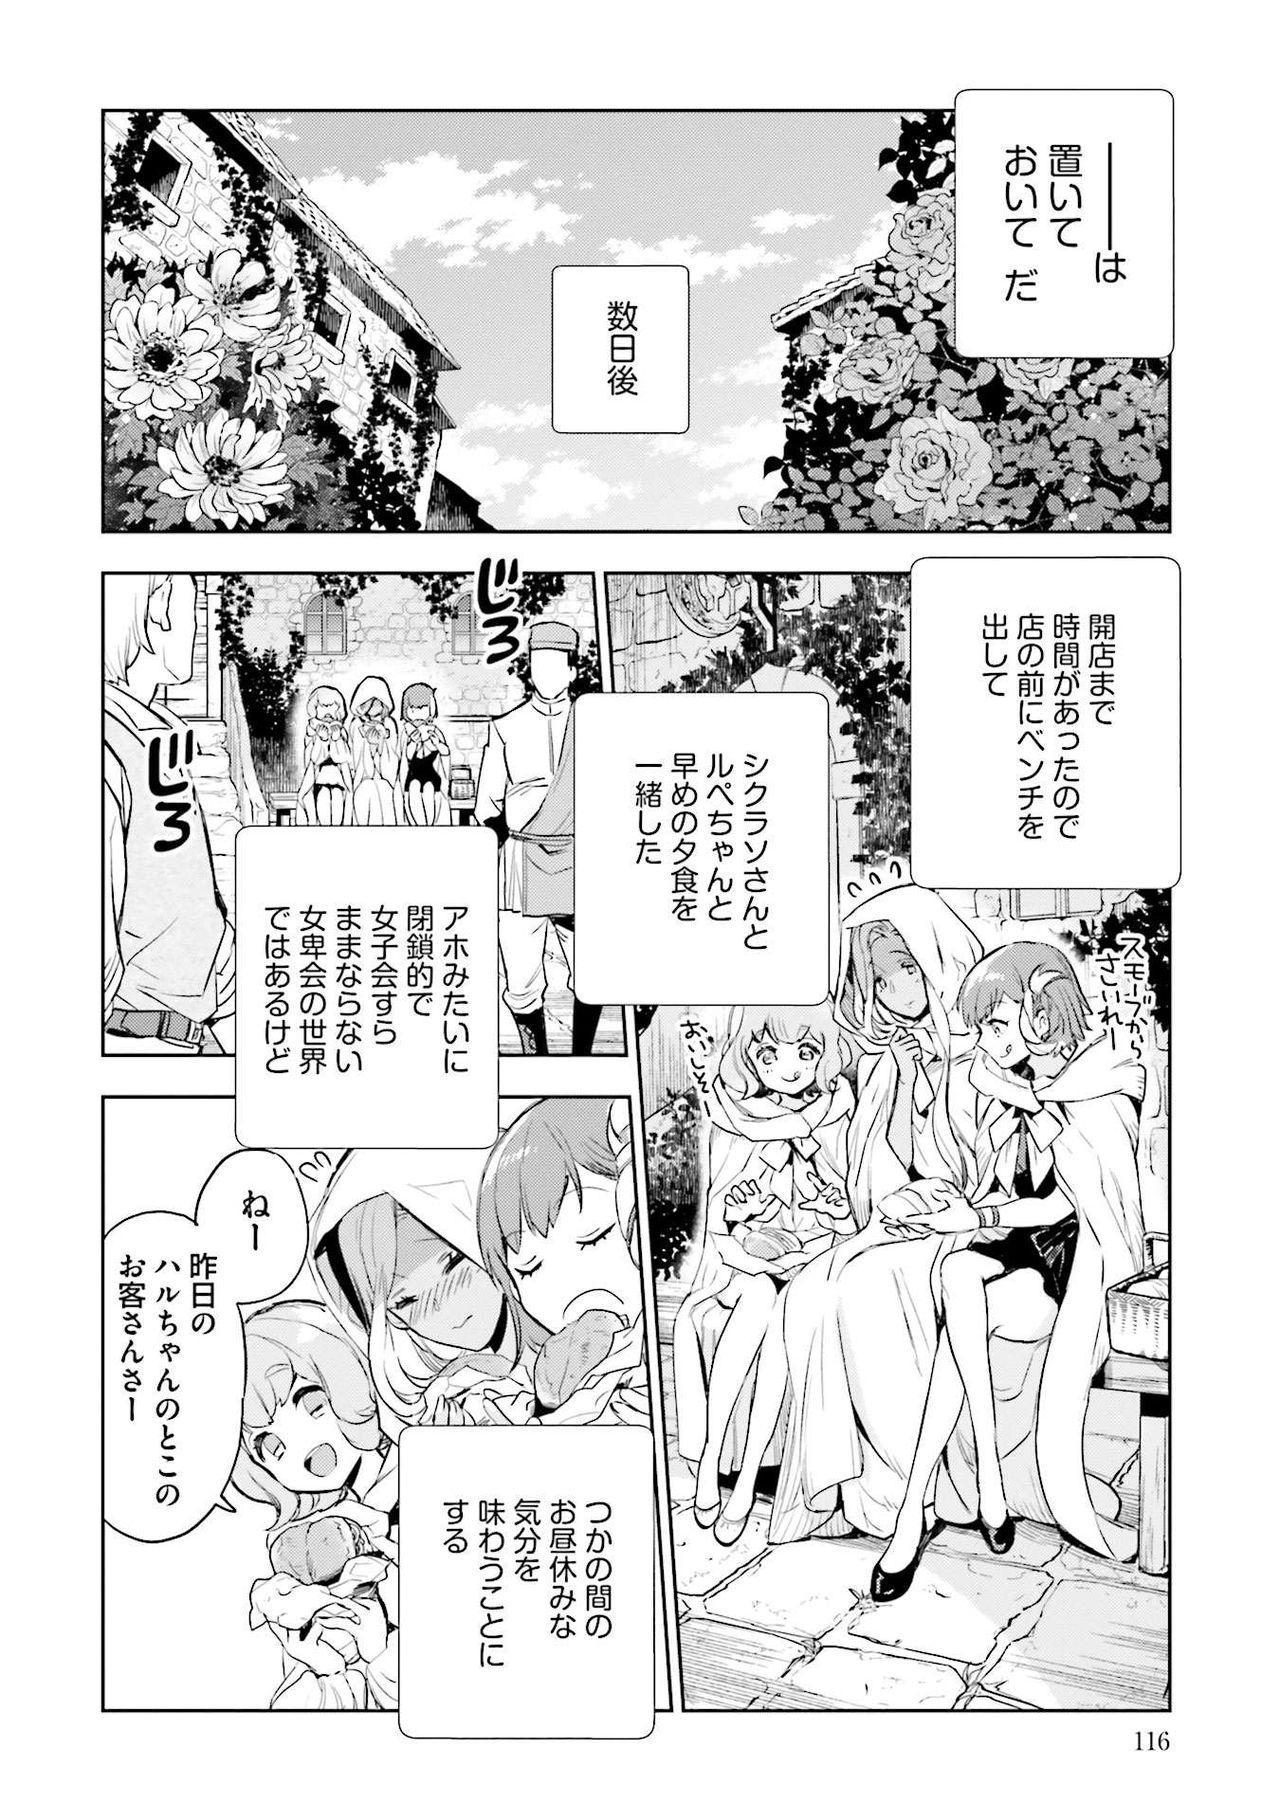 JK Haru wa Isekai de Shoufu ni Natta 1-14 117